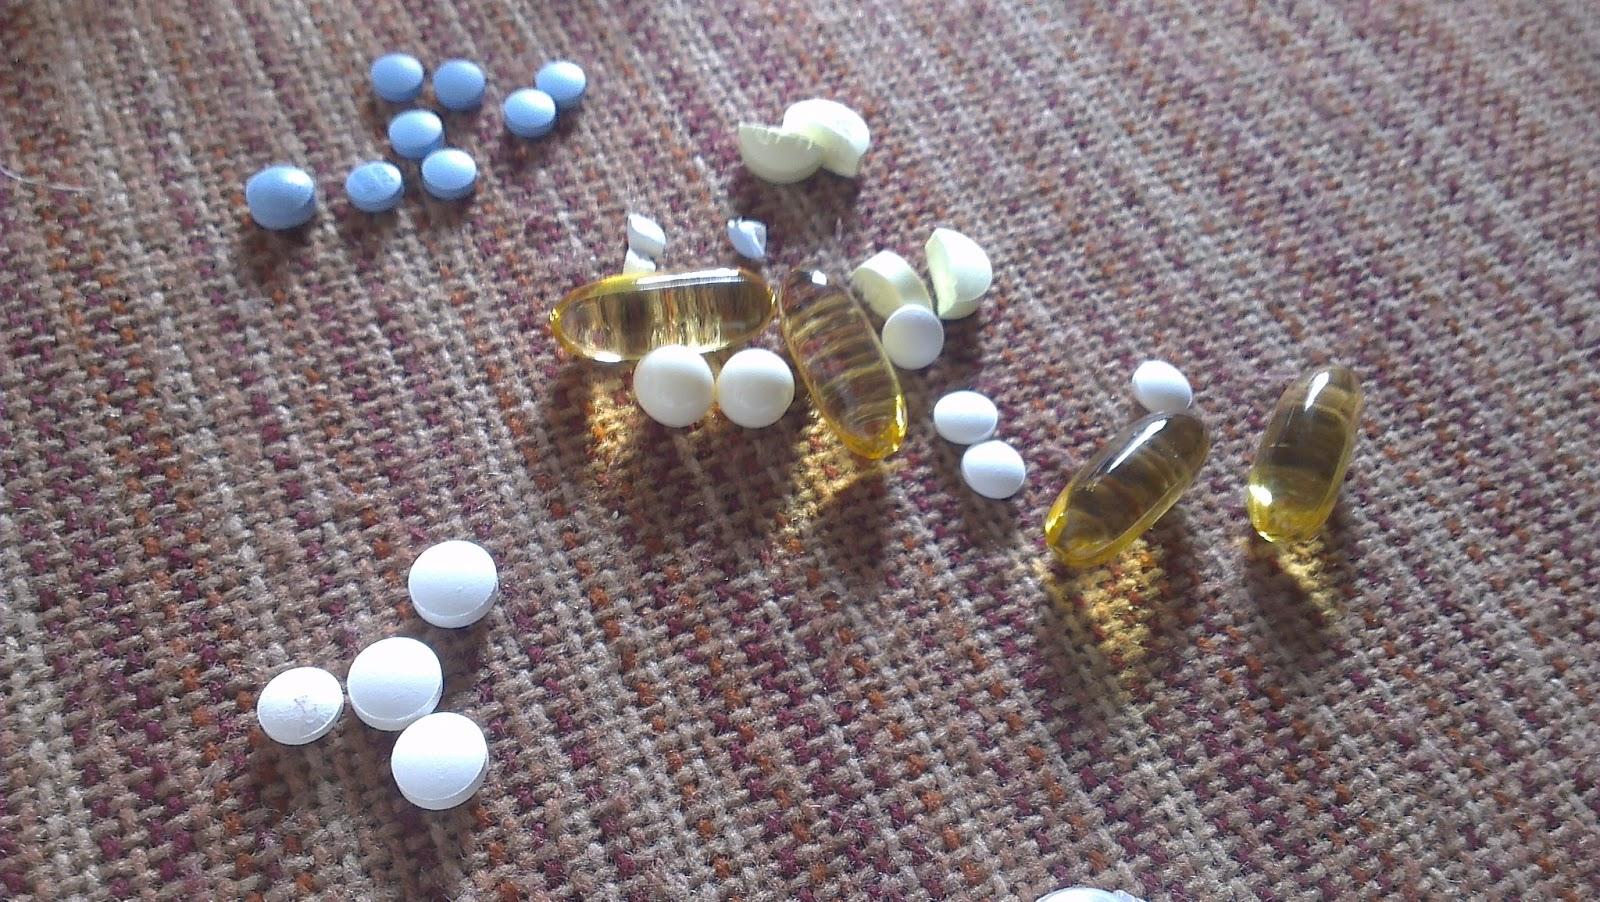 einseitiges brustwachstum durch pille